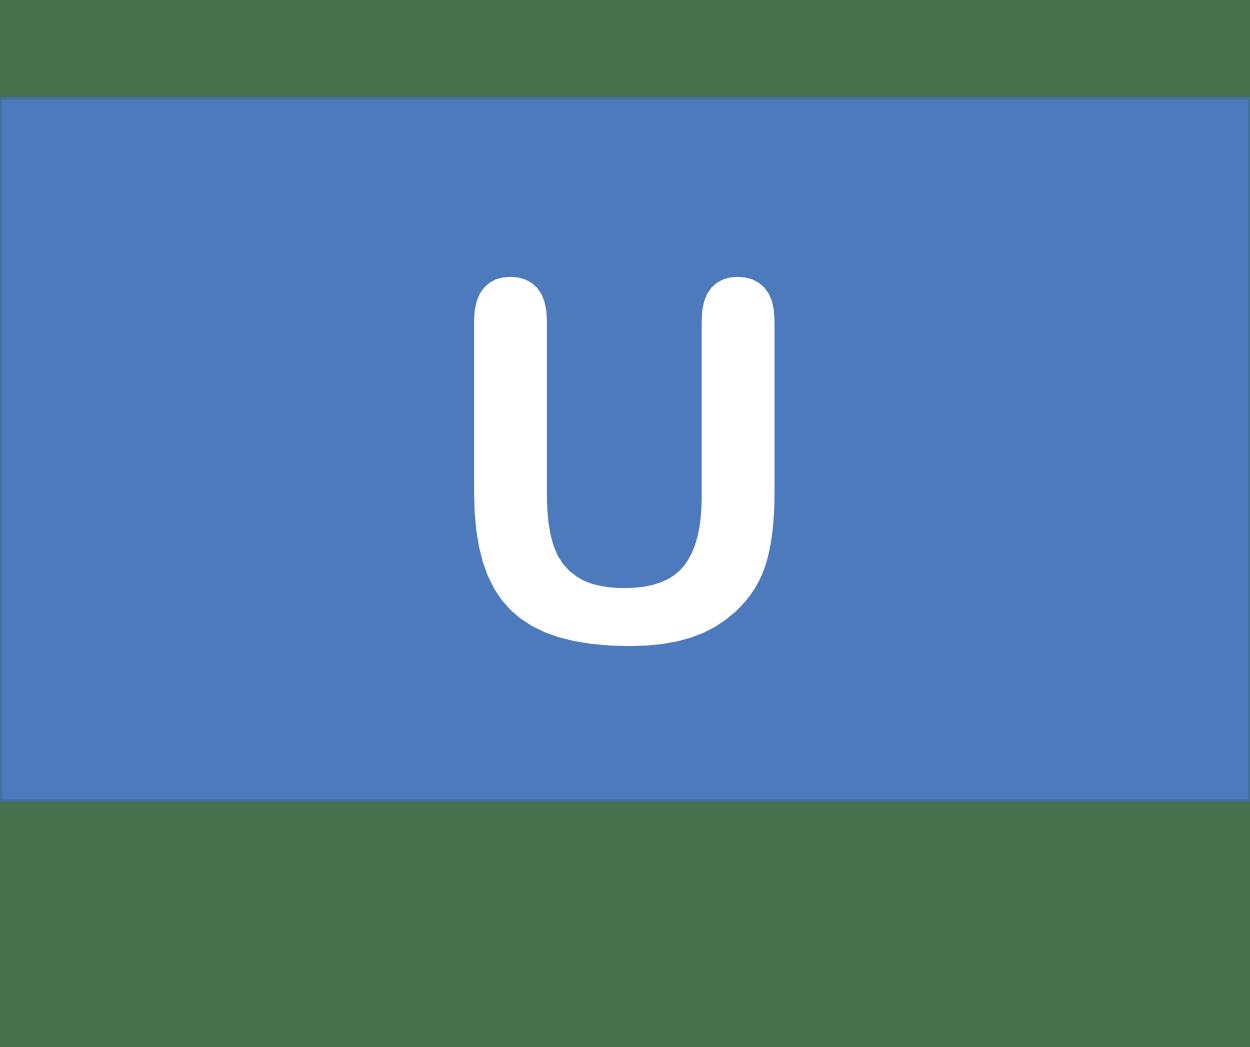 92 U ウラン Uranium 元素 記号 周期表 化学 原子